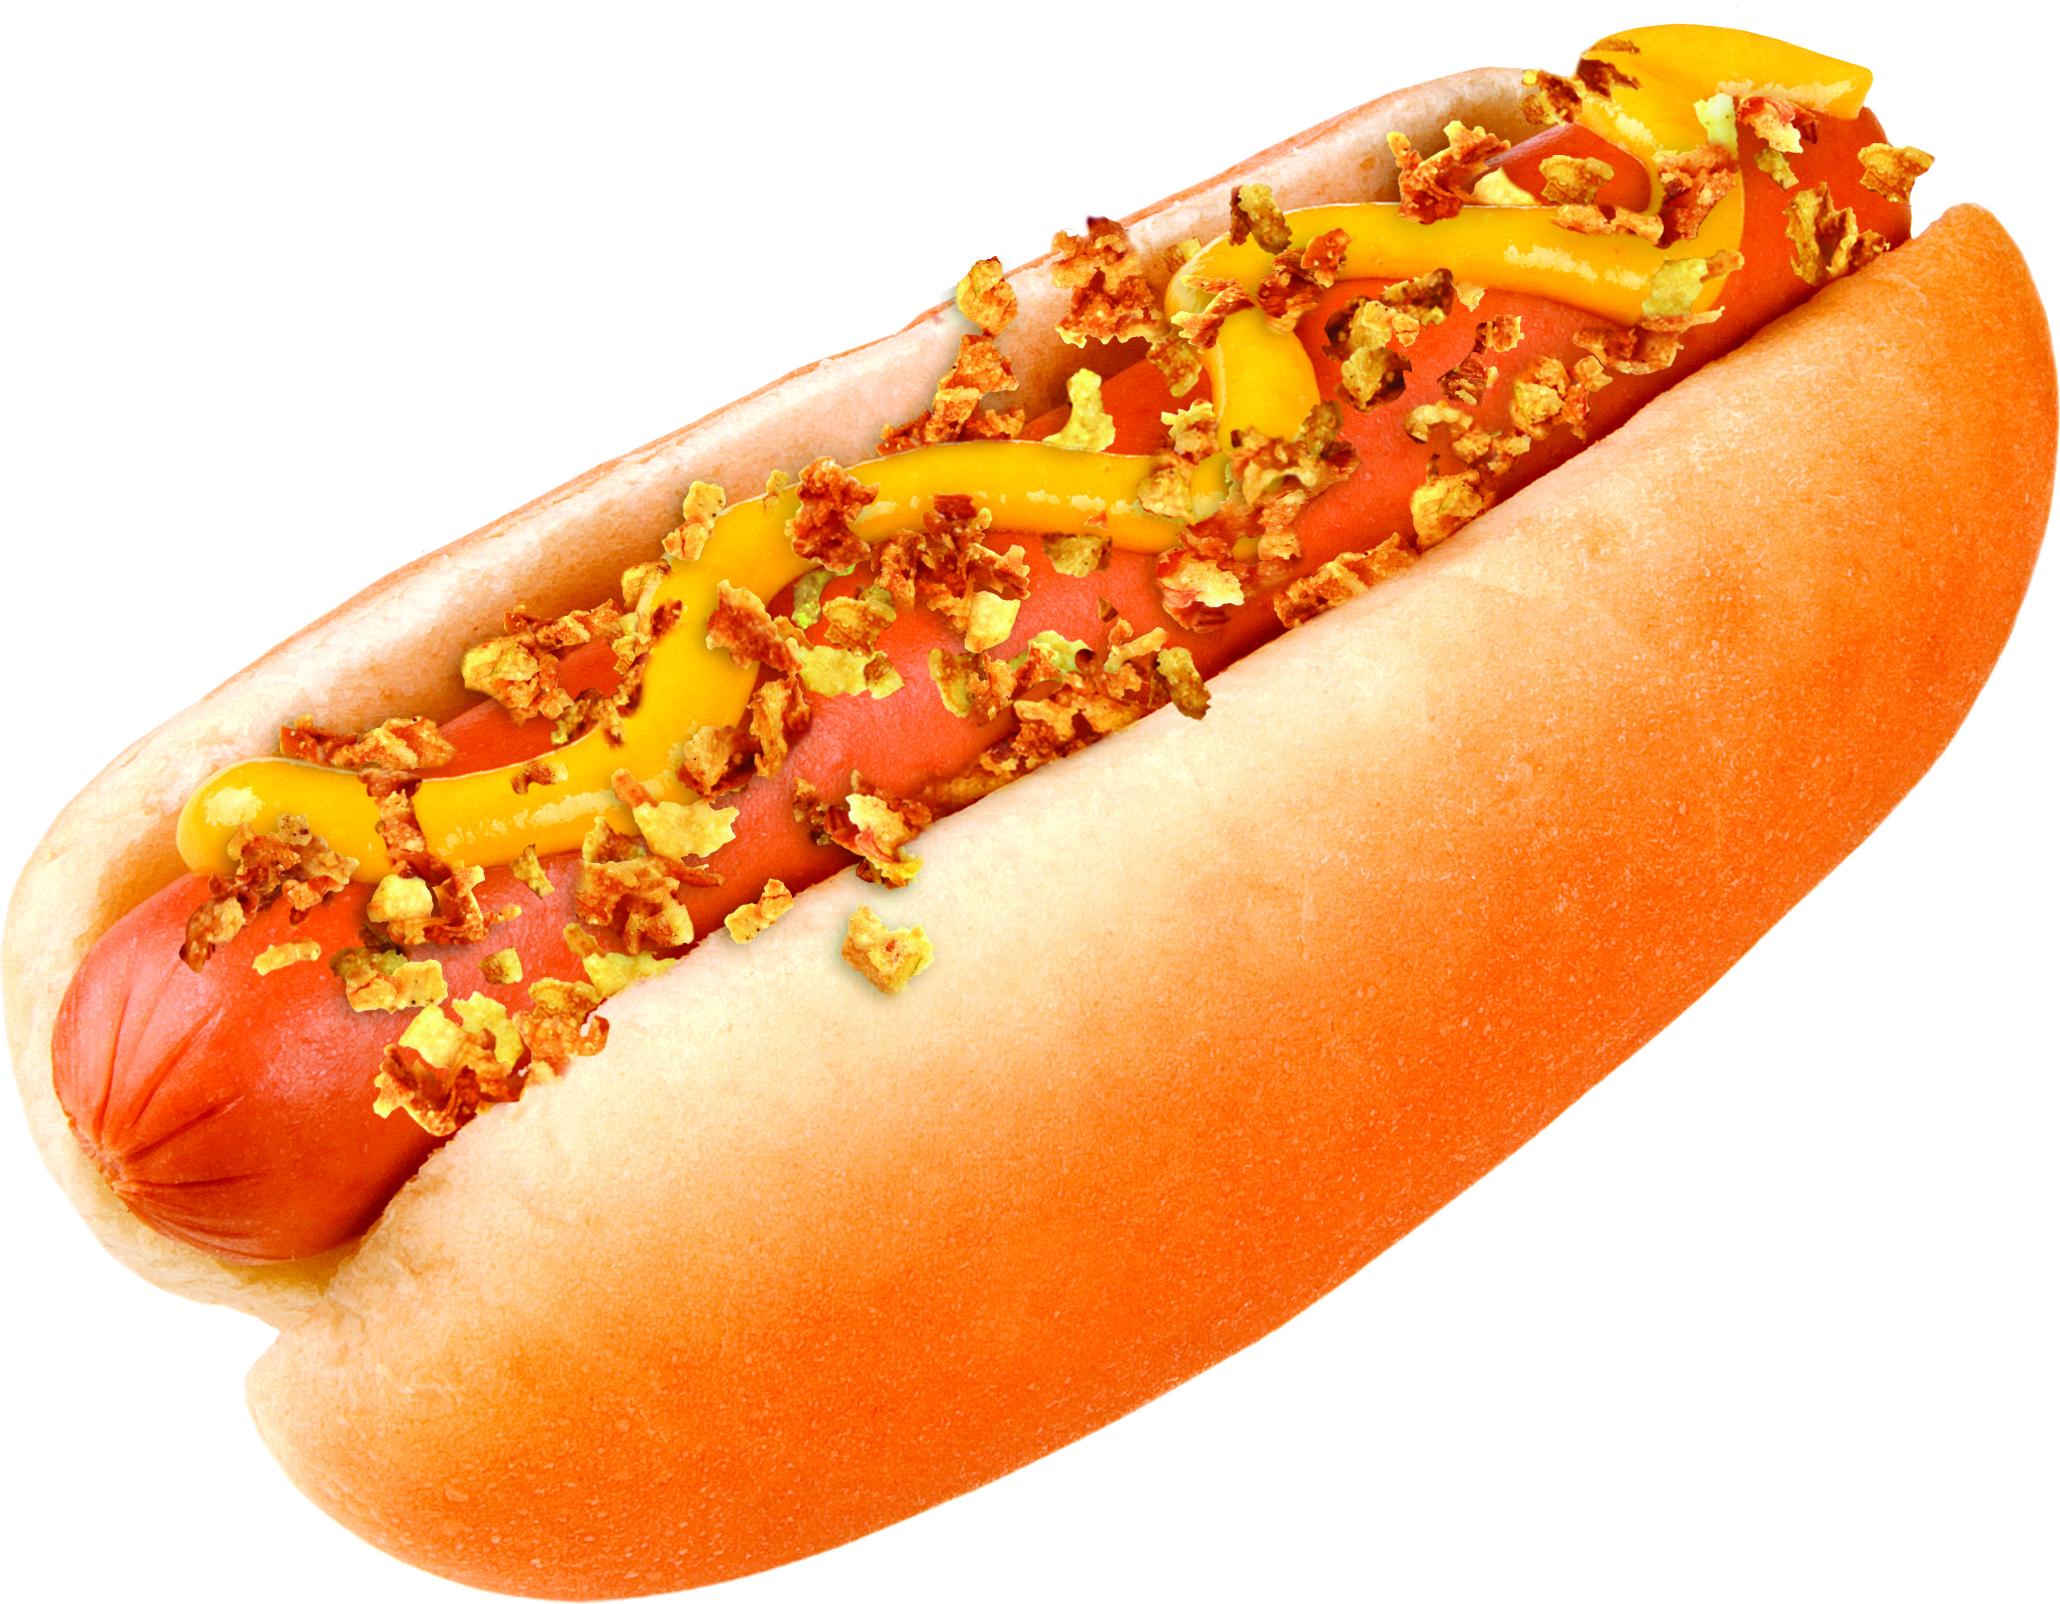 Hot dog png images. Hotdog clipart frank